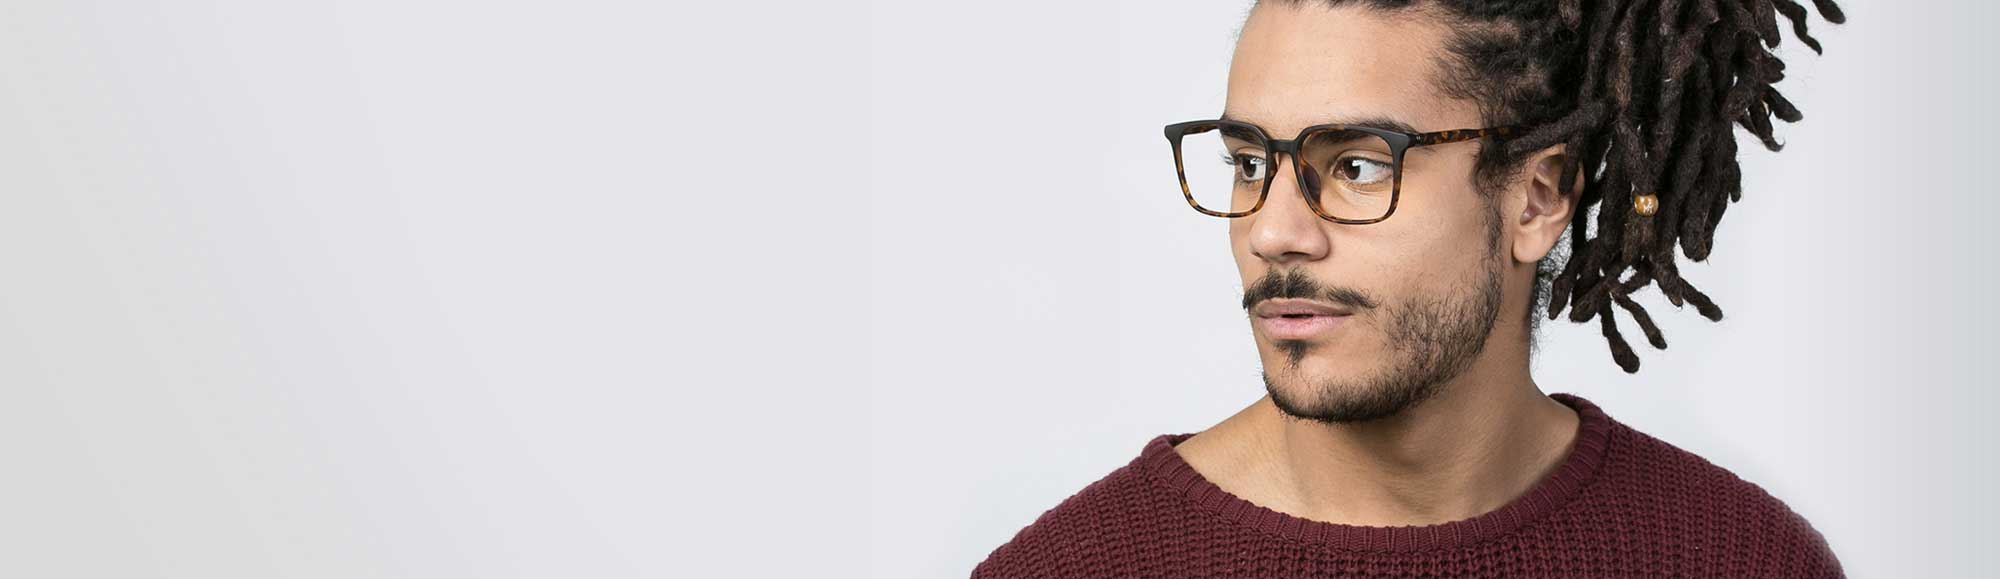 ba0b6f7595 Men s Sunglasses - Lunetterie Pourquoi Pas Eyewear